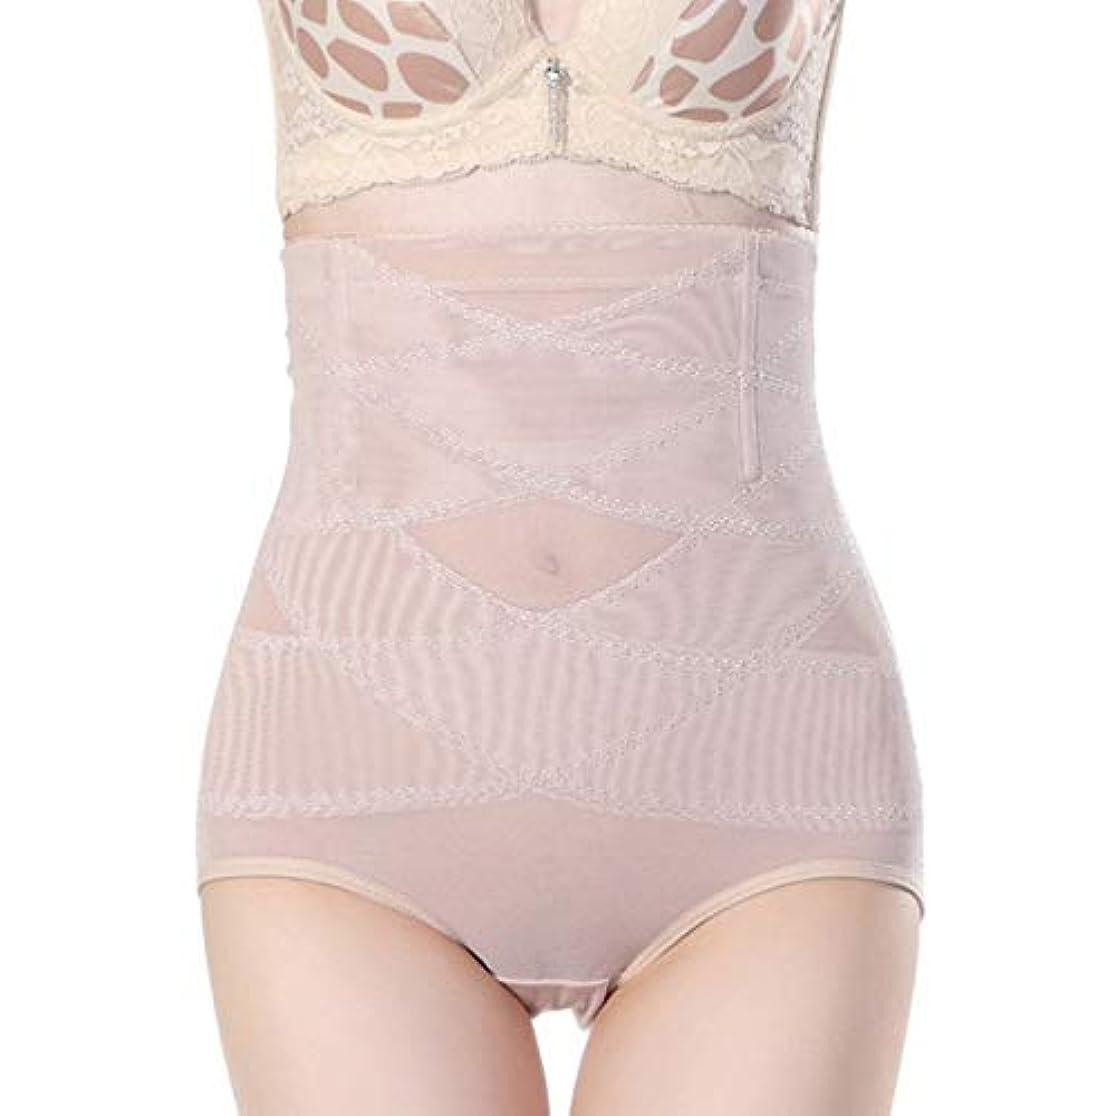 文草スキップ腹部制御下着シームレスおなかコントロールパンティーバットリフターボディシェイパーを痩身通気性のハイウエストの女性 - 肌色3 XL